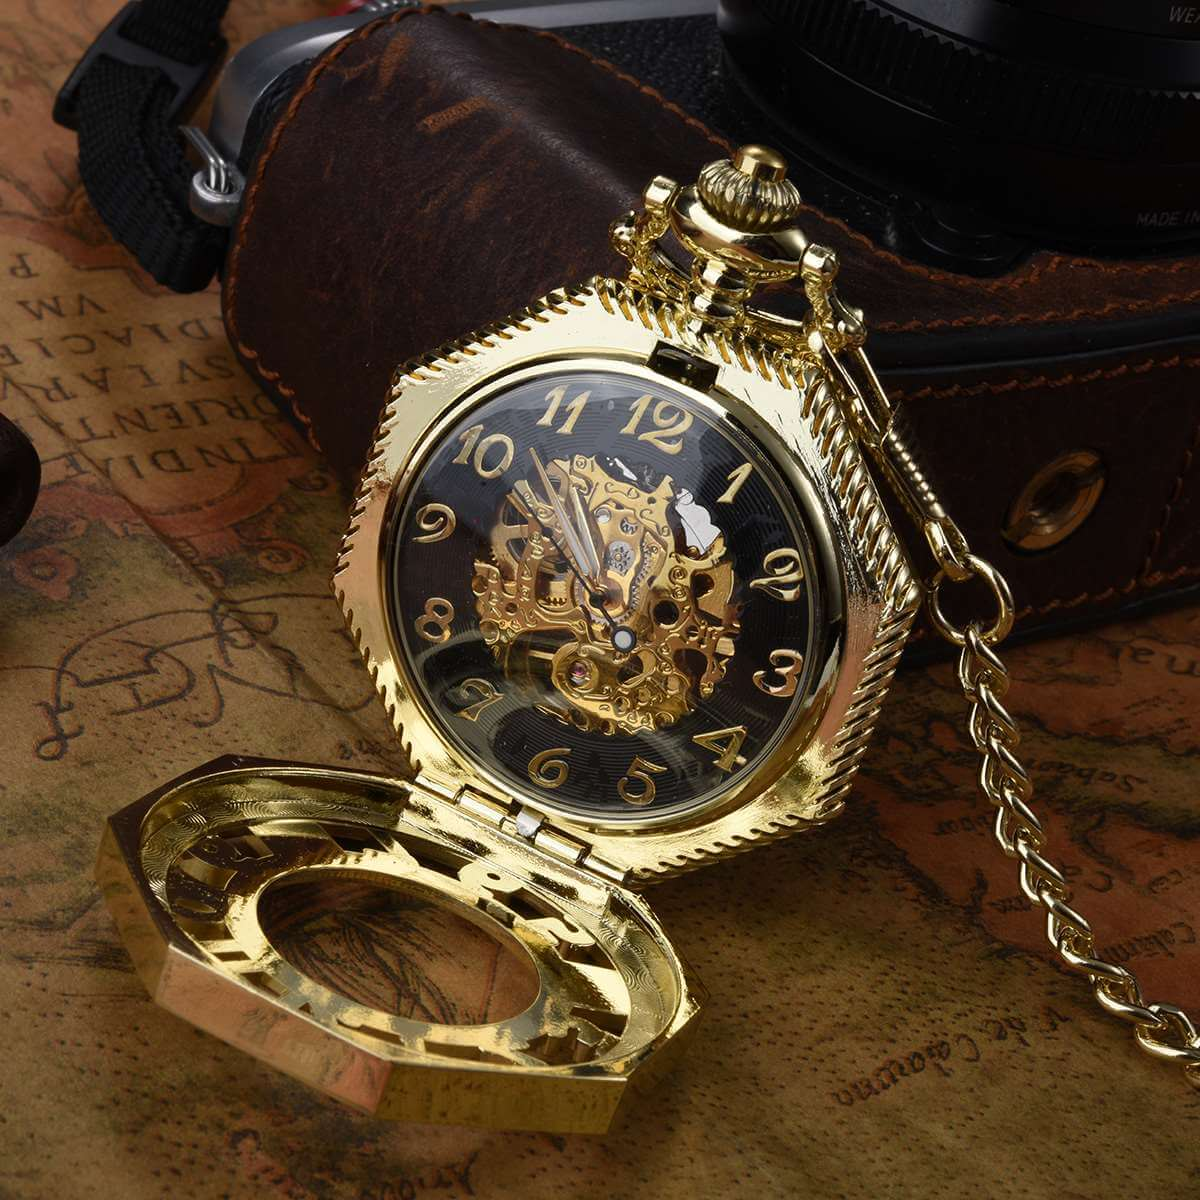 unique octagon mechanical pocket watch